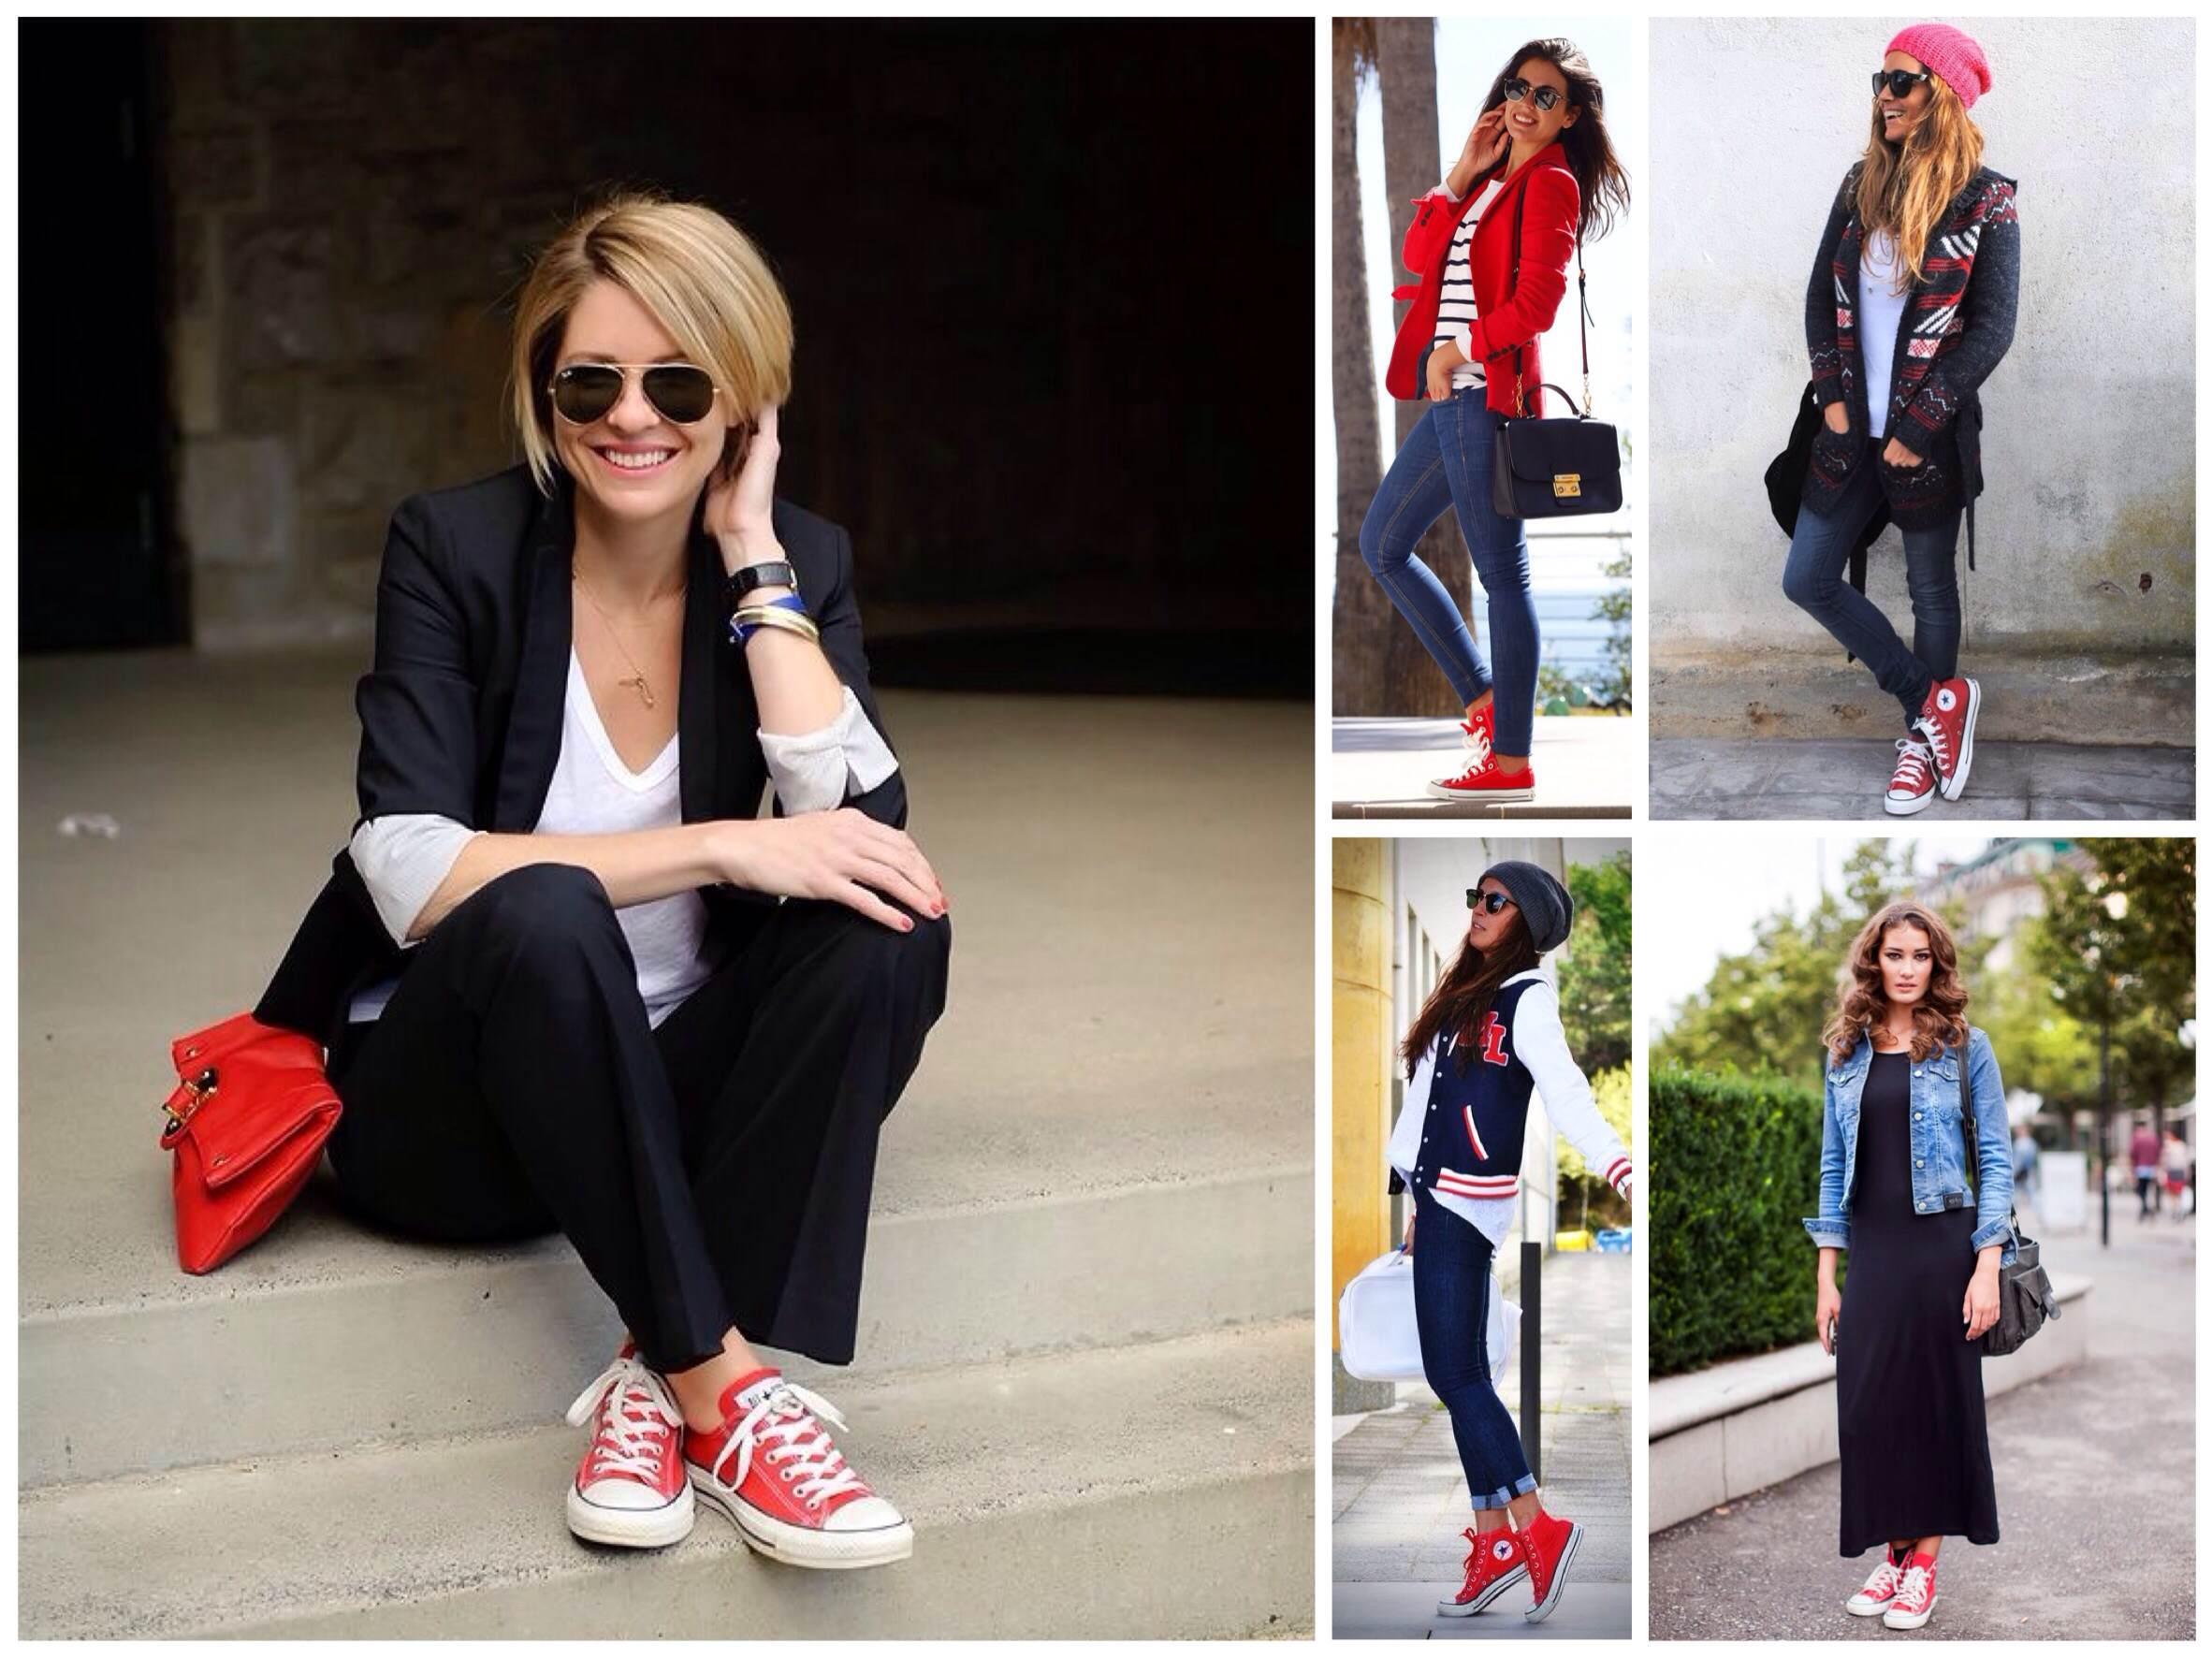 dcec67cd985d Сочетания различных комплектов одежды с красными кедами